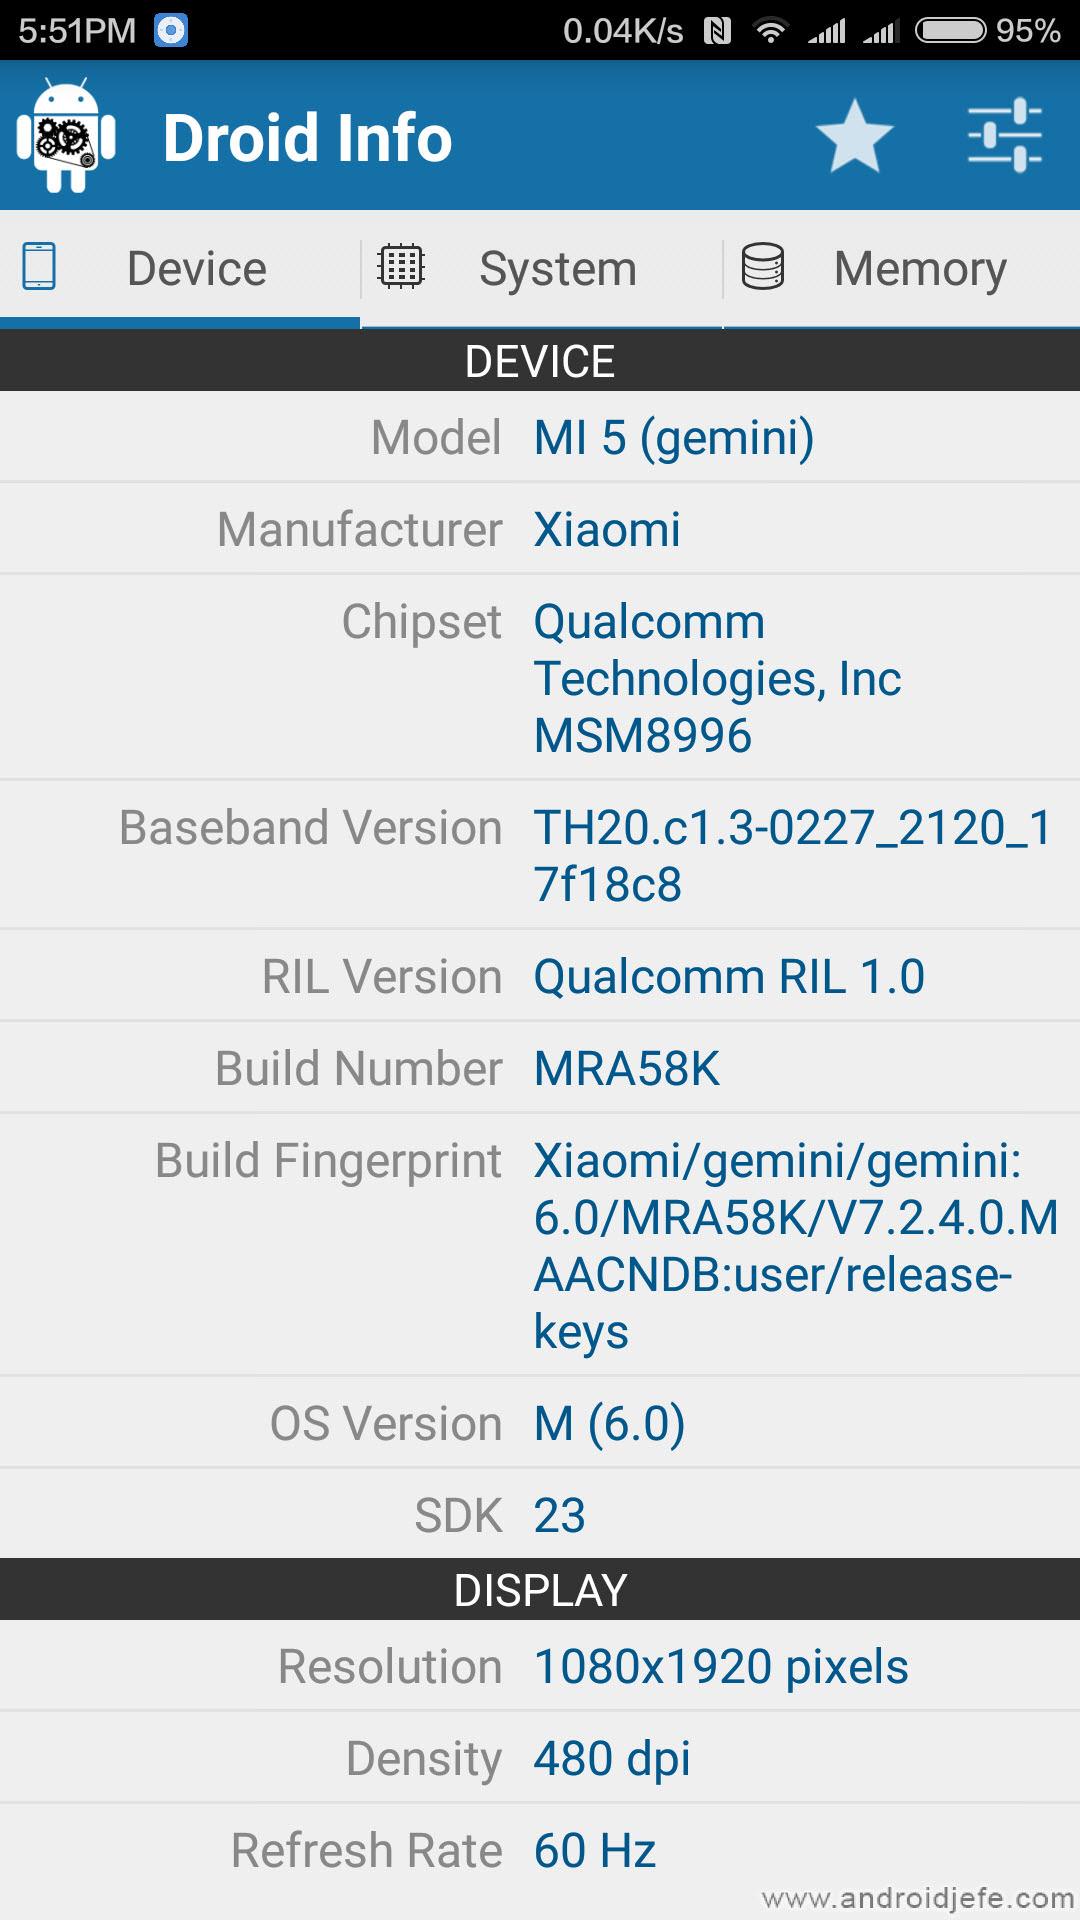 descargar google play services apk para android 4.4.2